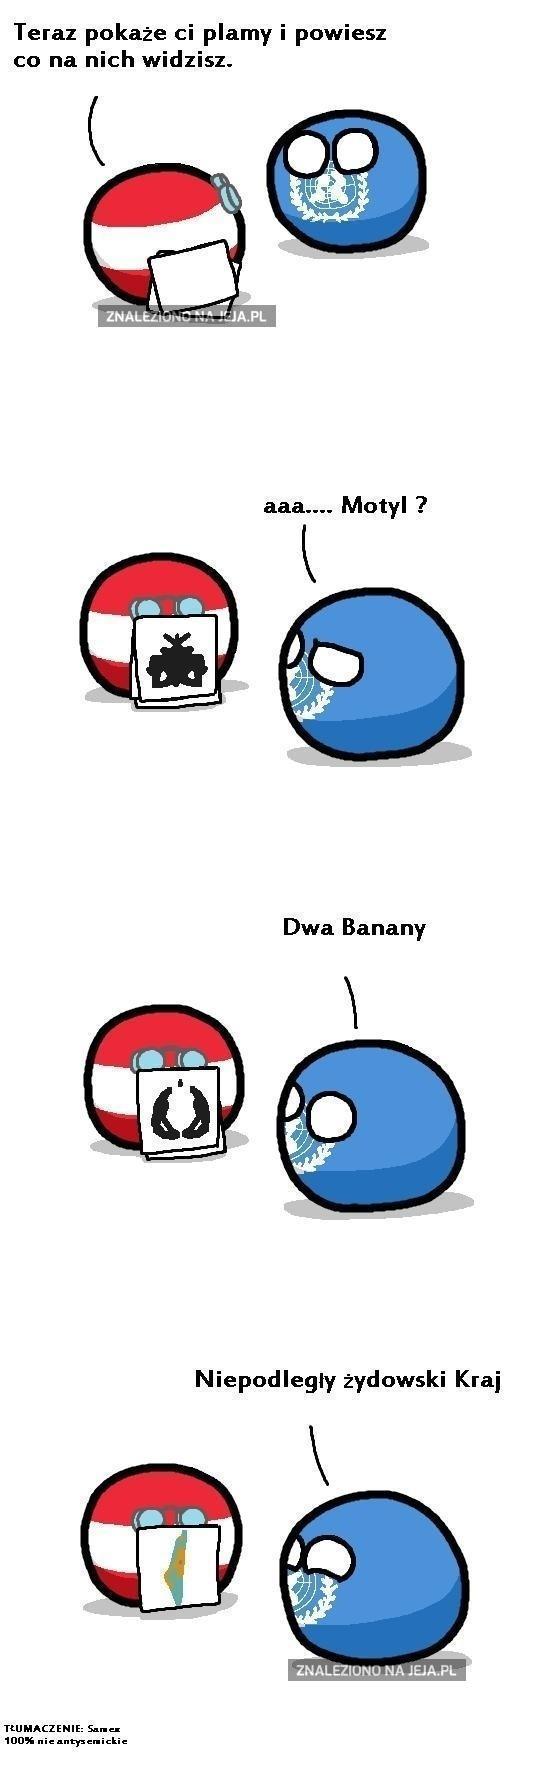 Plamy według ONZ